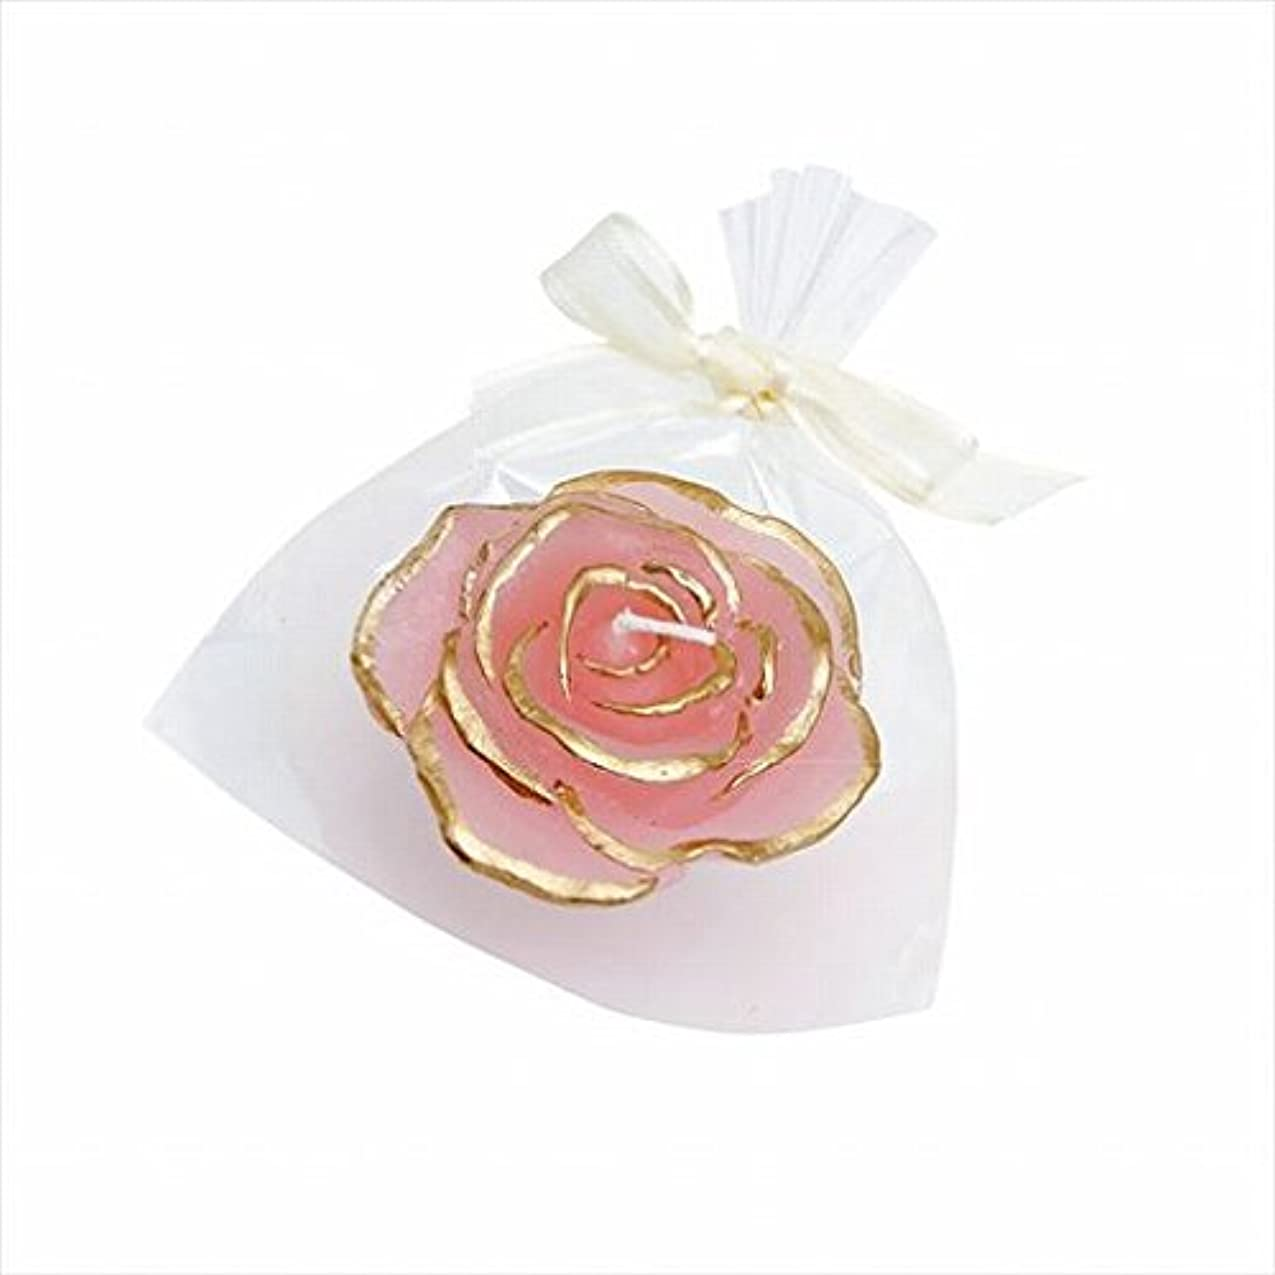 潜水艦緩むくしゃくしゃカメヤマキャンドル(kameyama candle) プリンセスローズ 「 ピンク 」